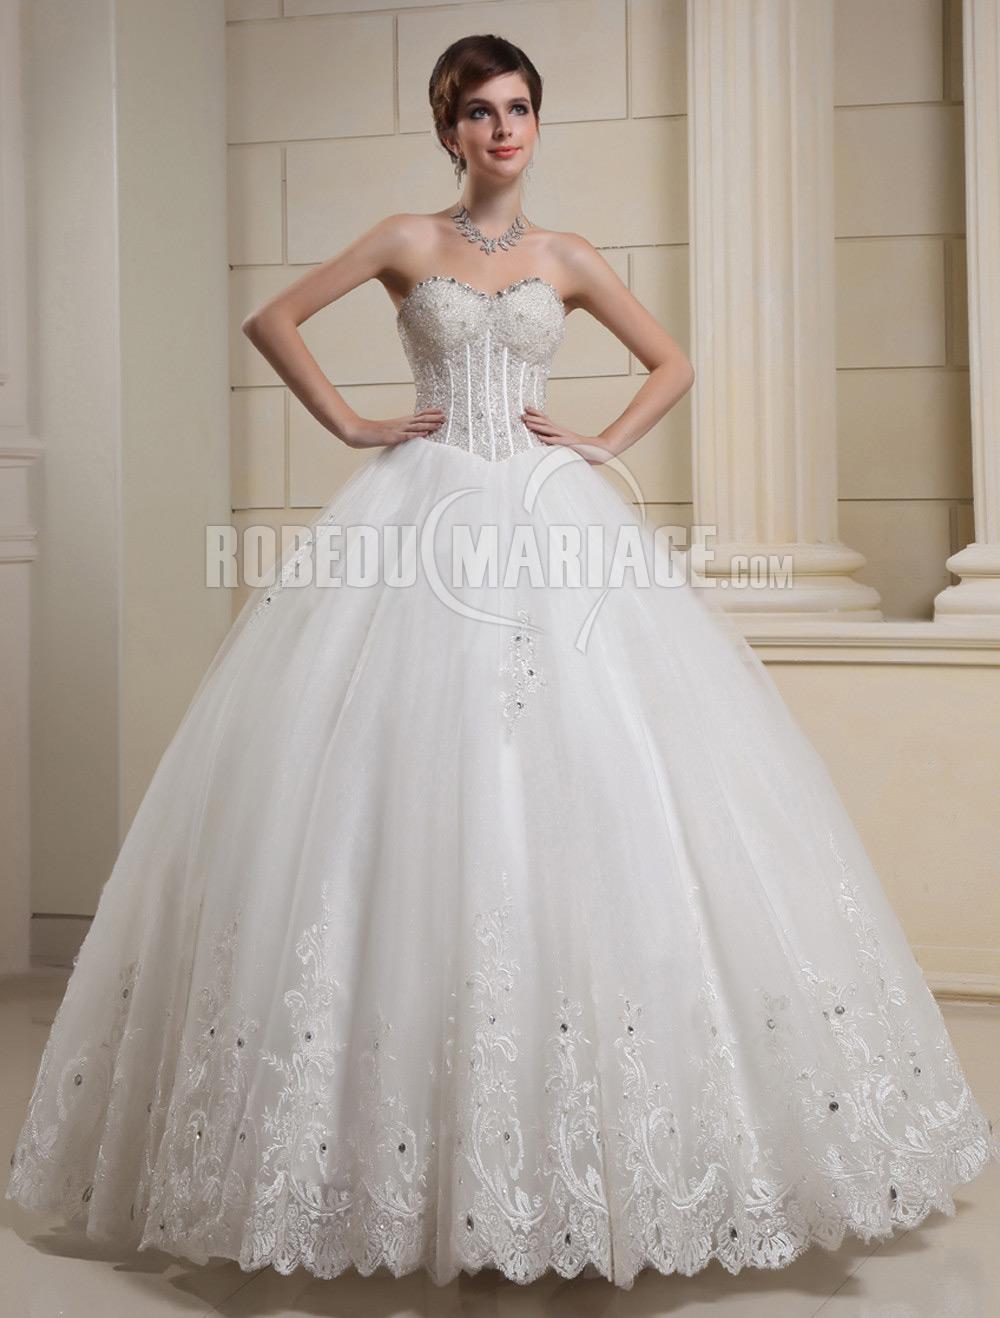 9547067b45e Robe de mariage bustier - la pijson pigram